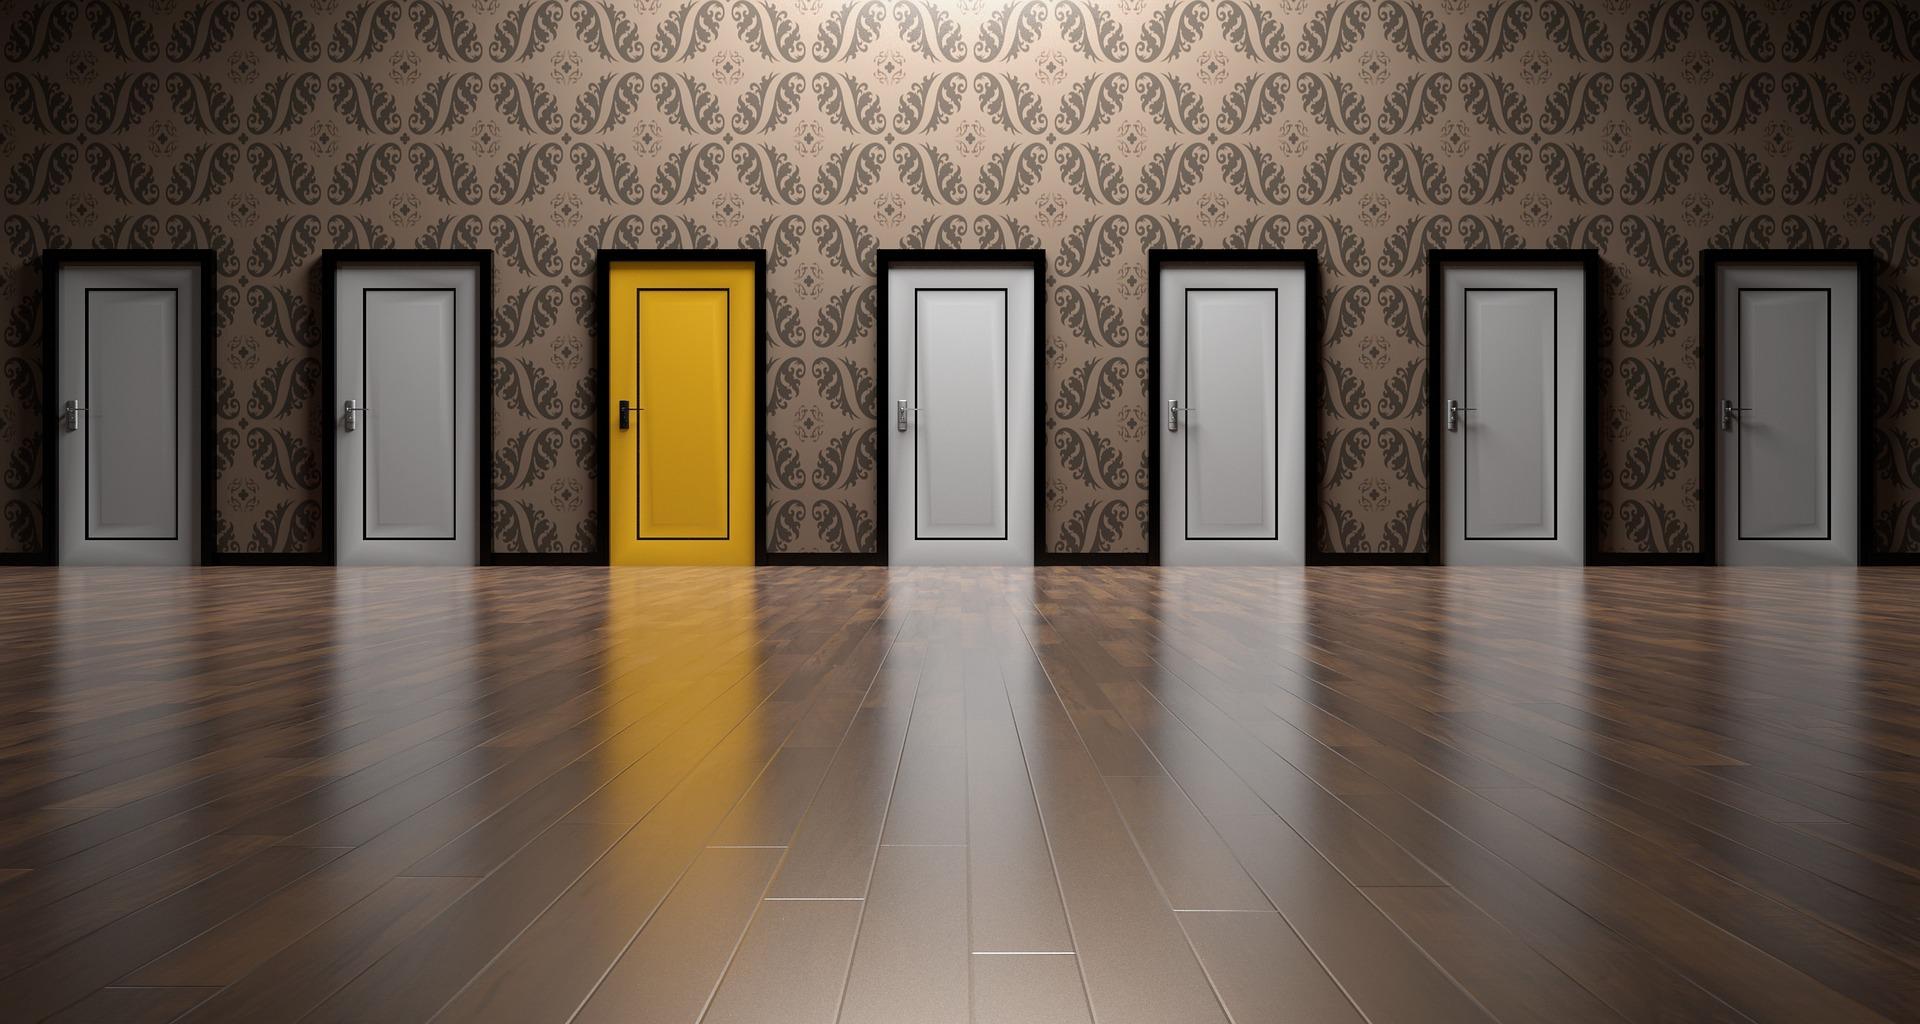 yellow_door_pixabay.jpg